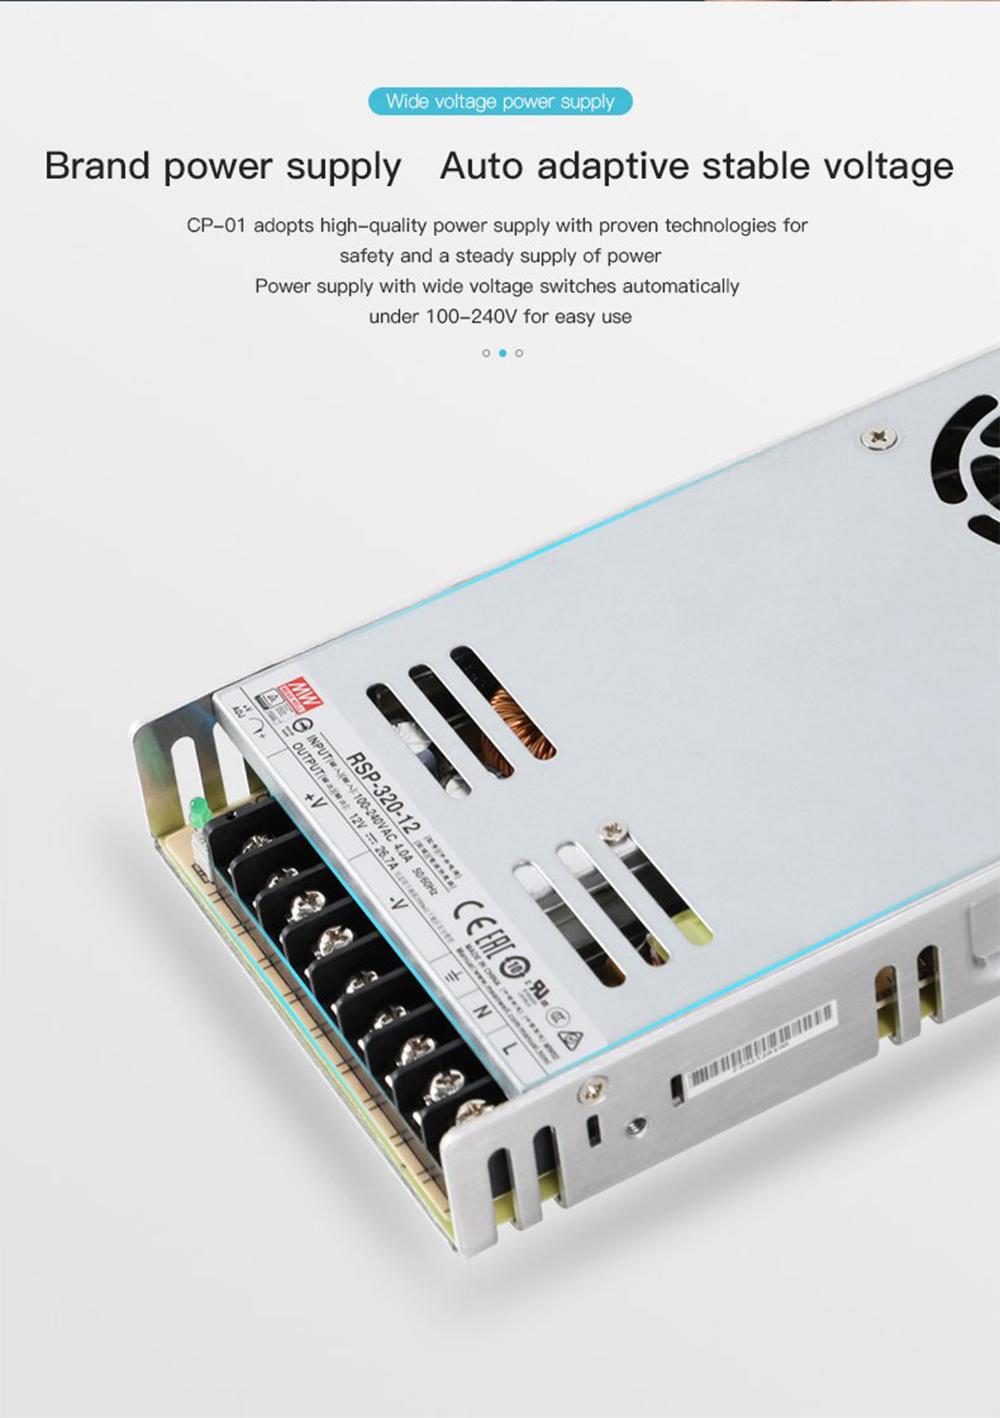 Creality3D CP-01 Multitool 3D-Drucker Bausatz - 200x200x200mm - Hochwertiges Marken-Netzteil